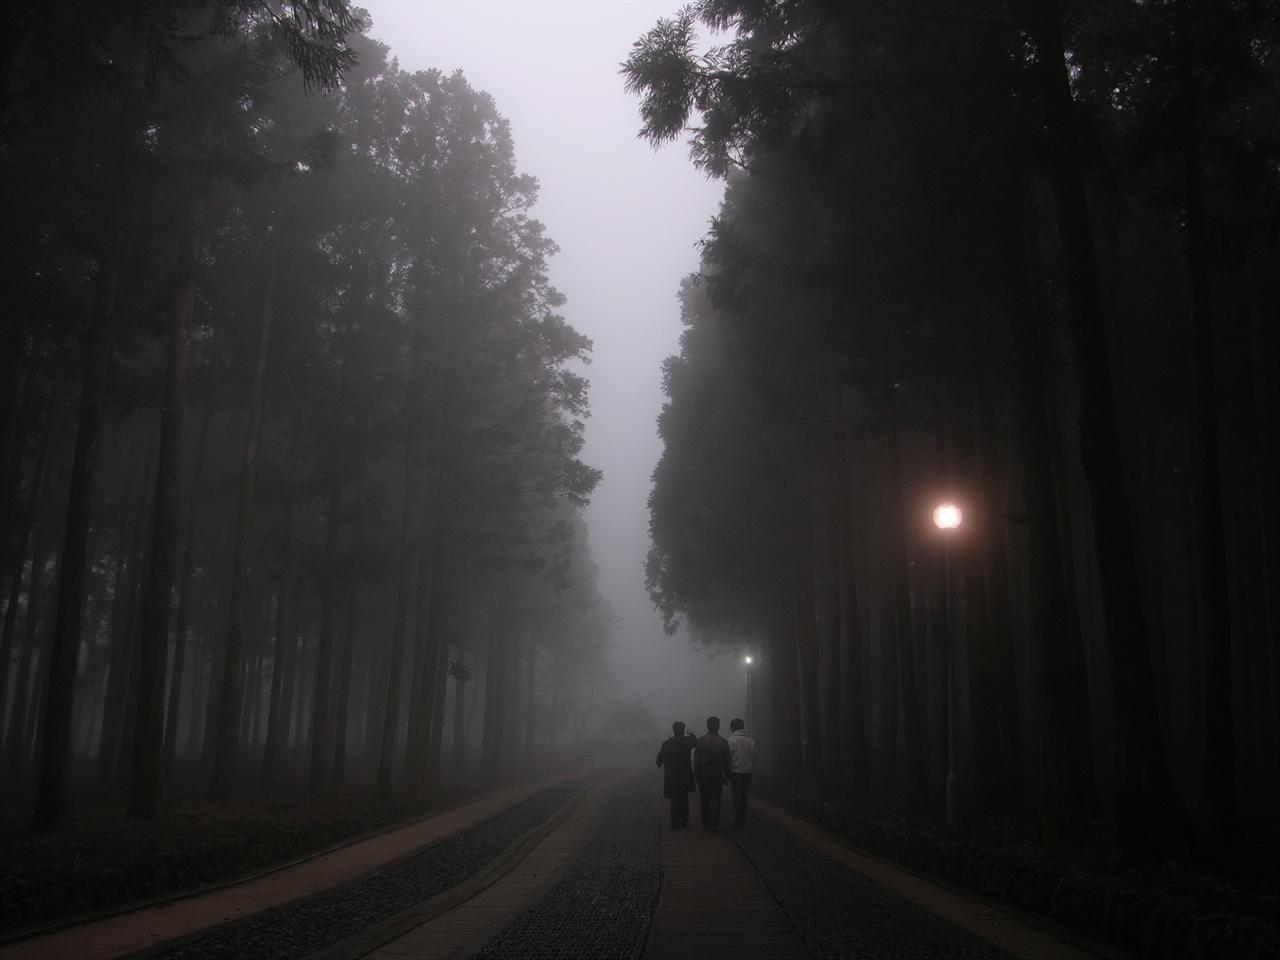 절물휴양림 절물휴양림 삼나무 산책길로 참으로 아름 다운 길 중의 하나다. 그 길을 걸으면 피톤치드 향이 온 몸을 감싸곤 했다.